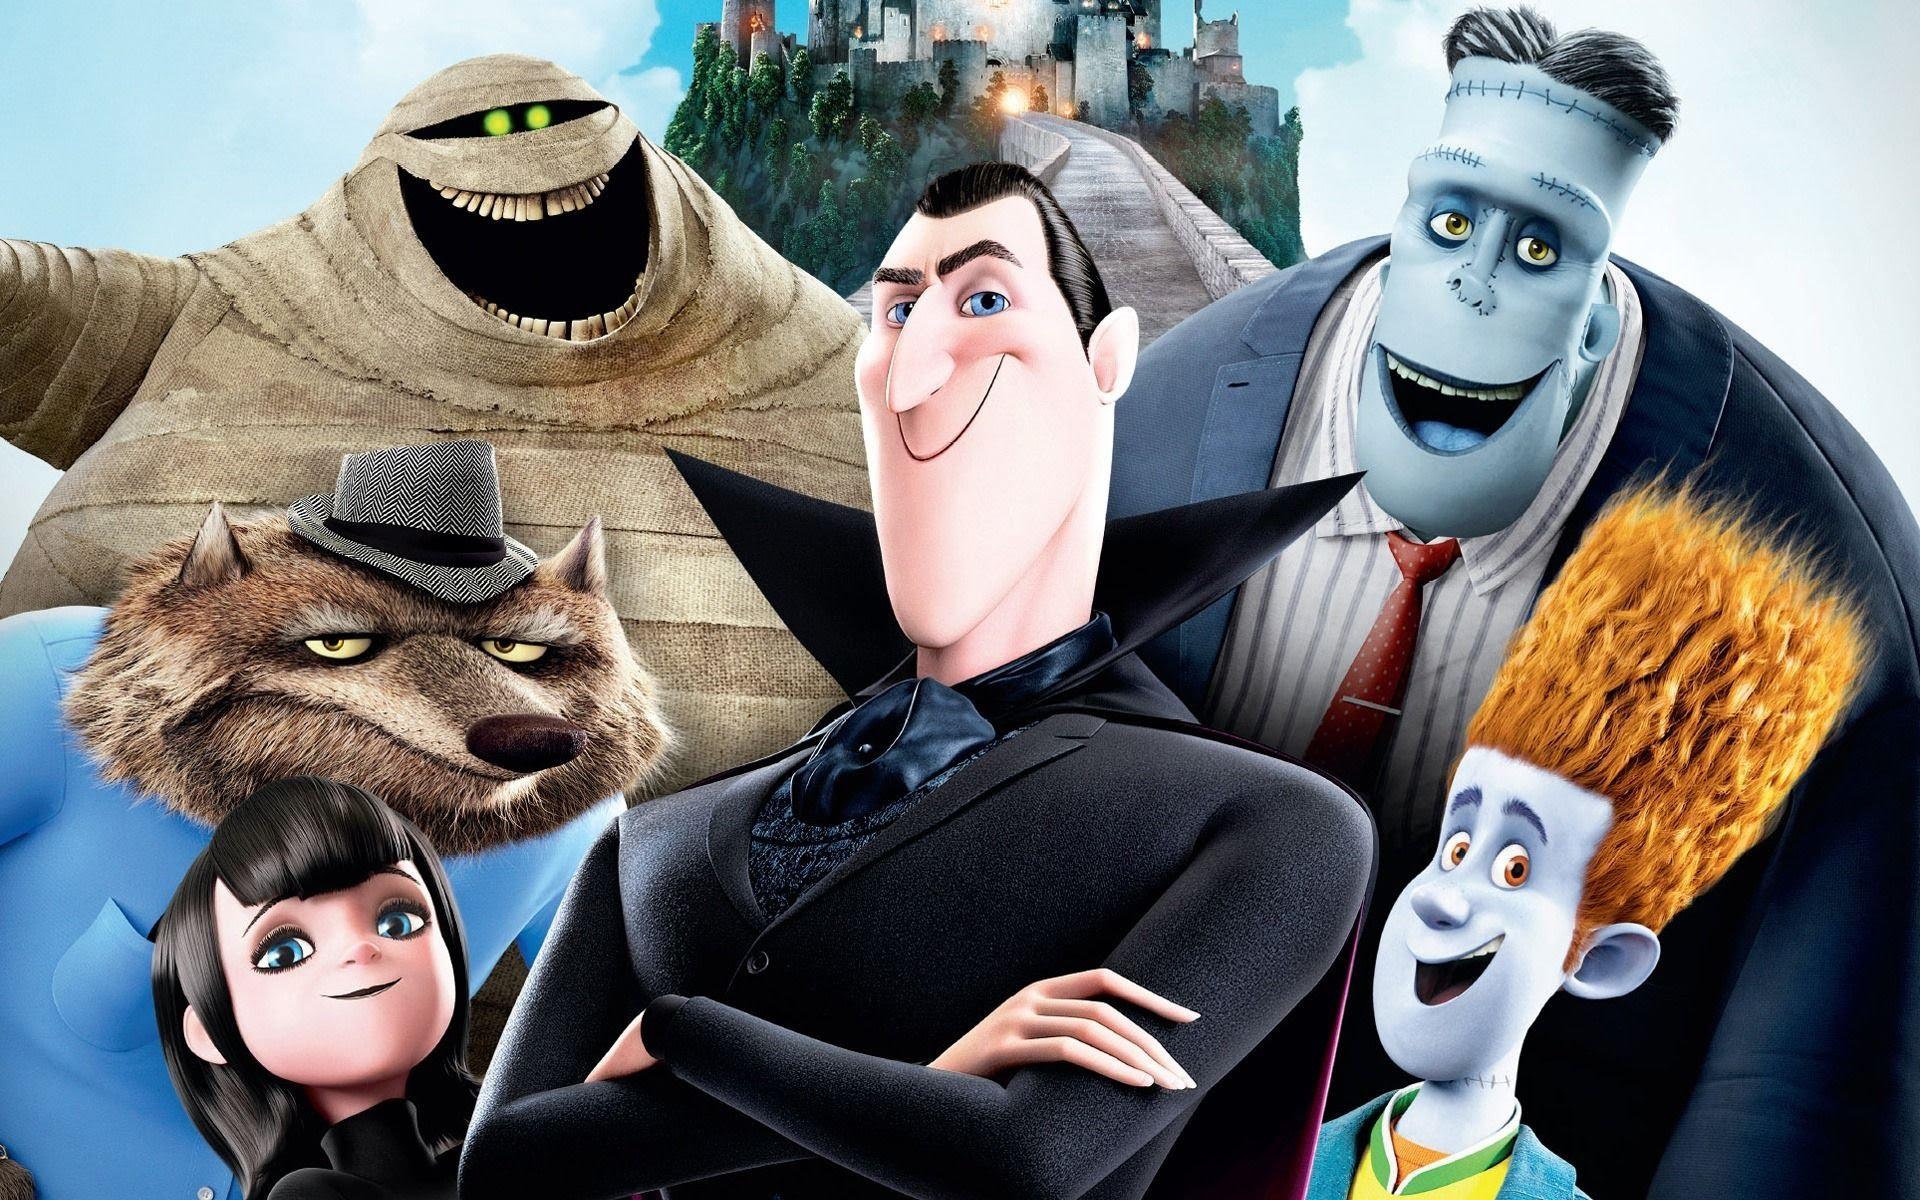 Анимационный фильм Монстры на каникулах – 2 лидирует в российском прокате